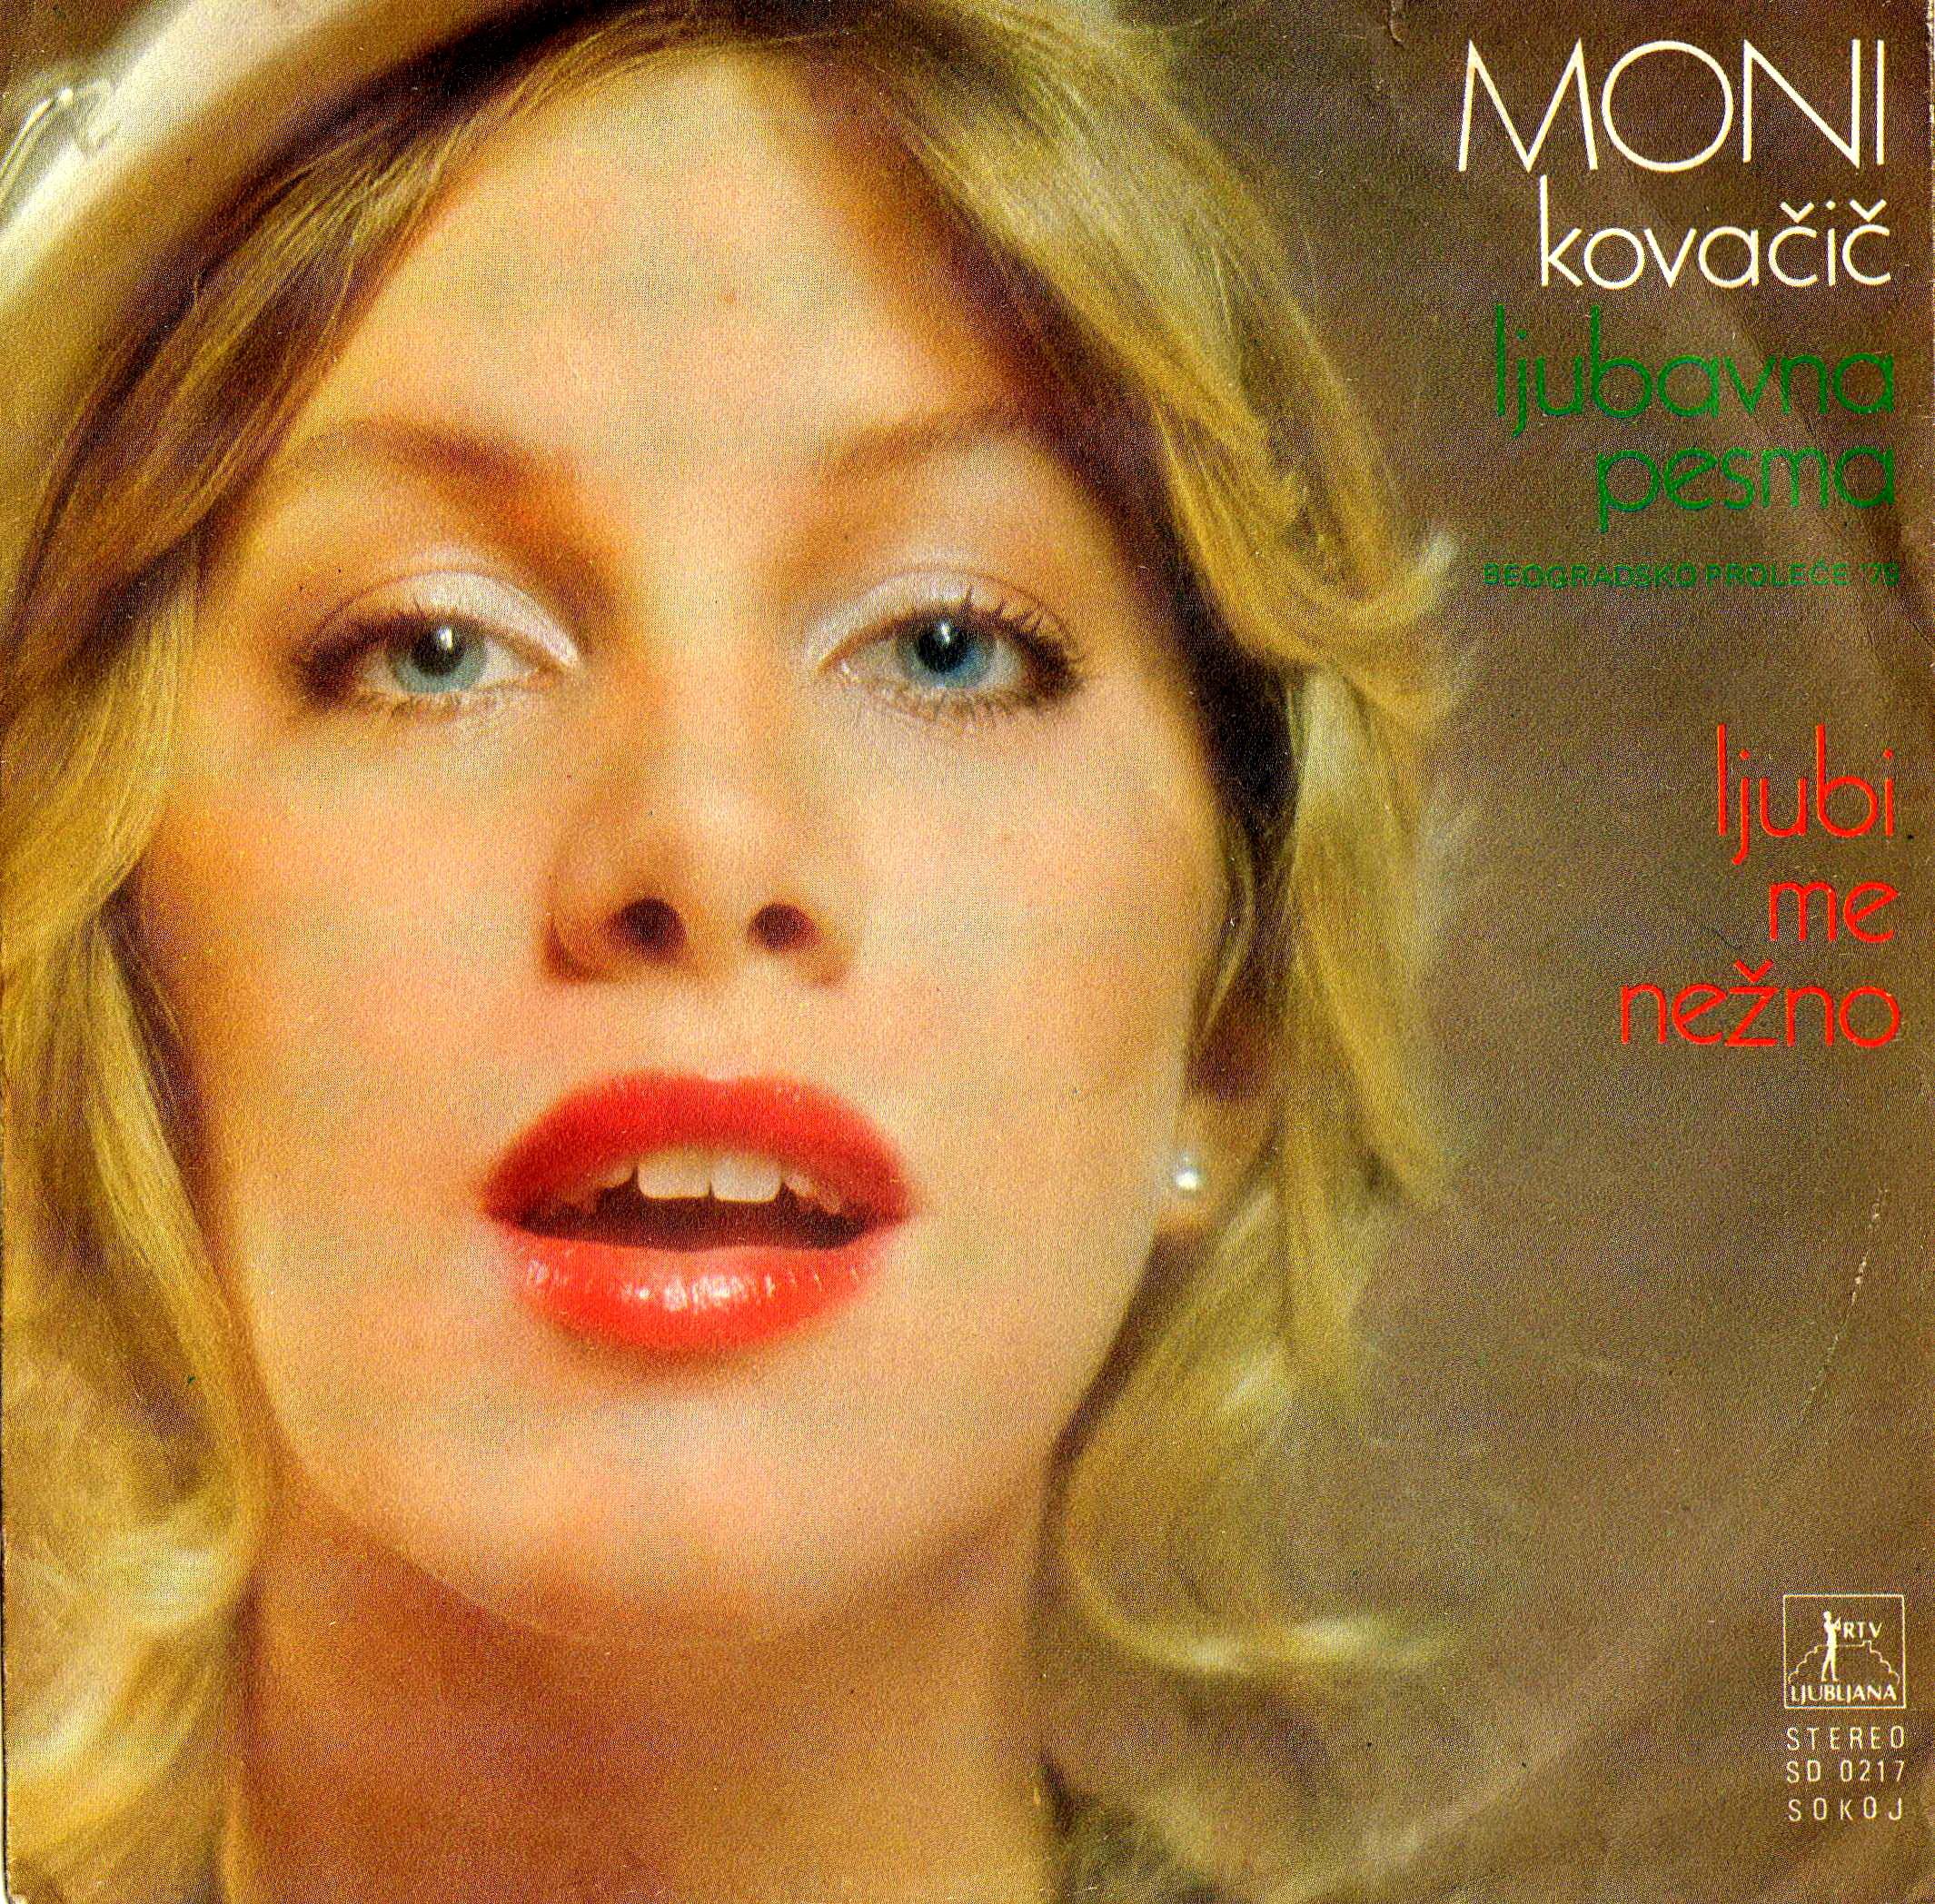 Moni Kovacic 1979 a